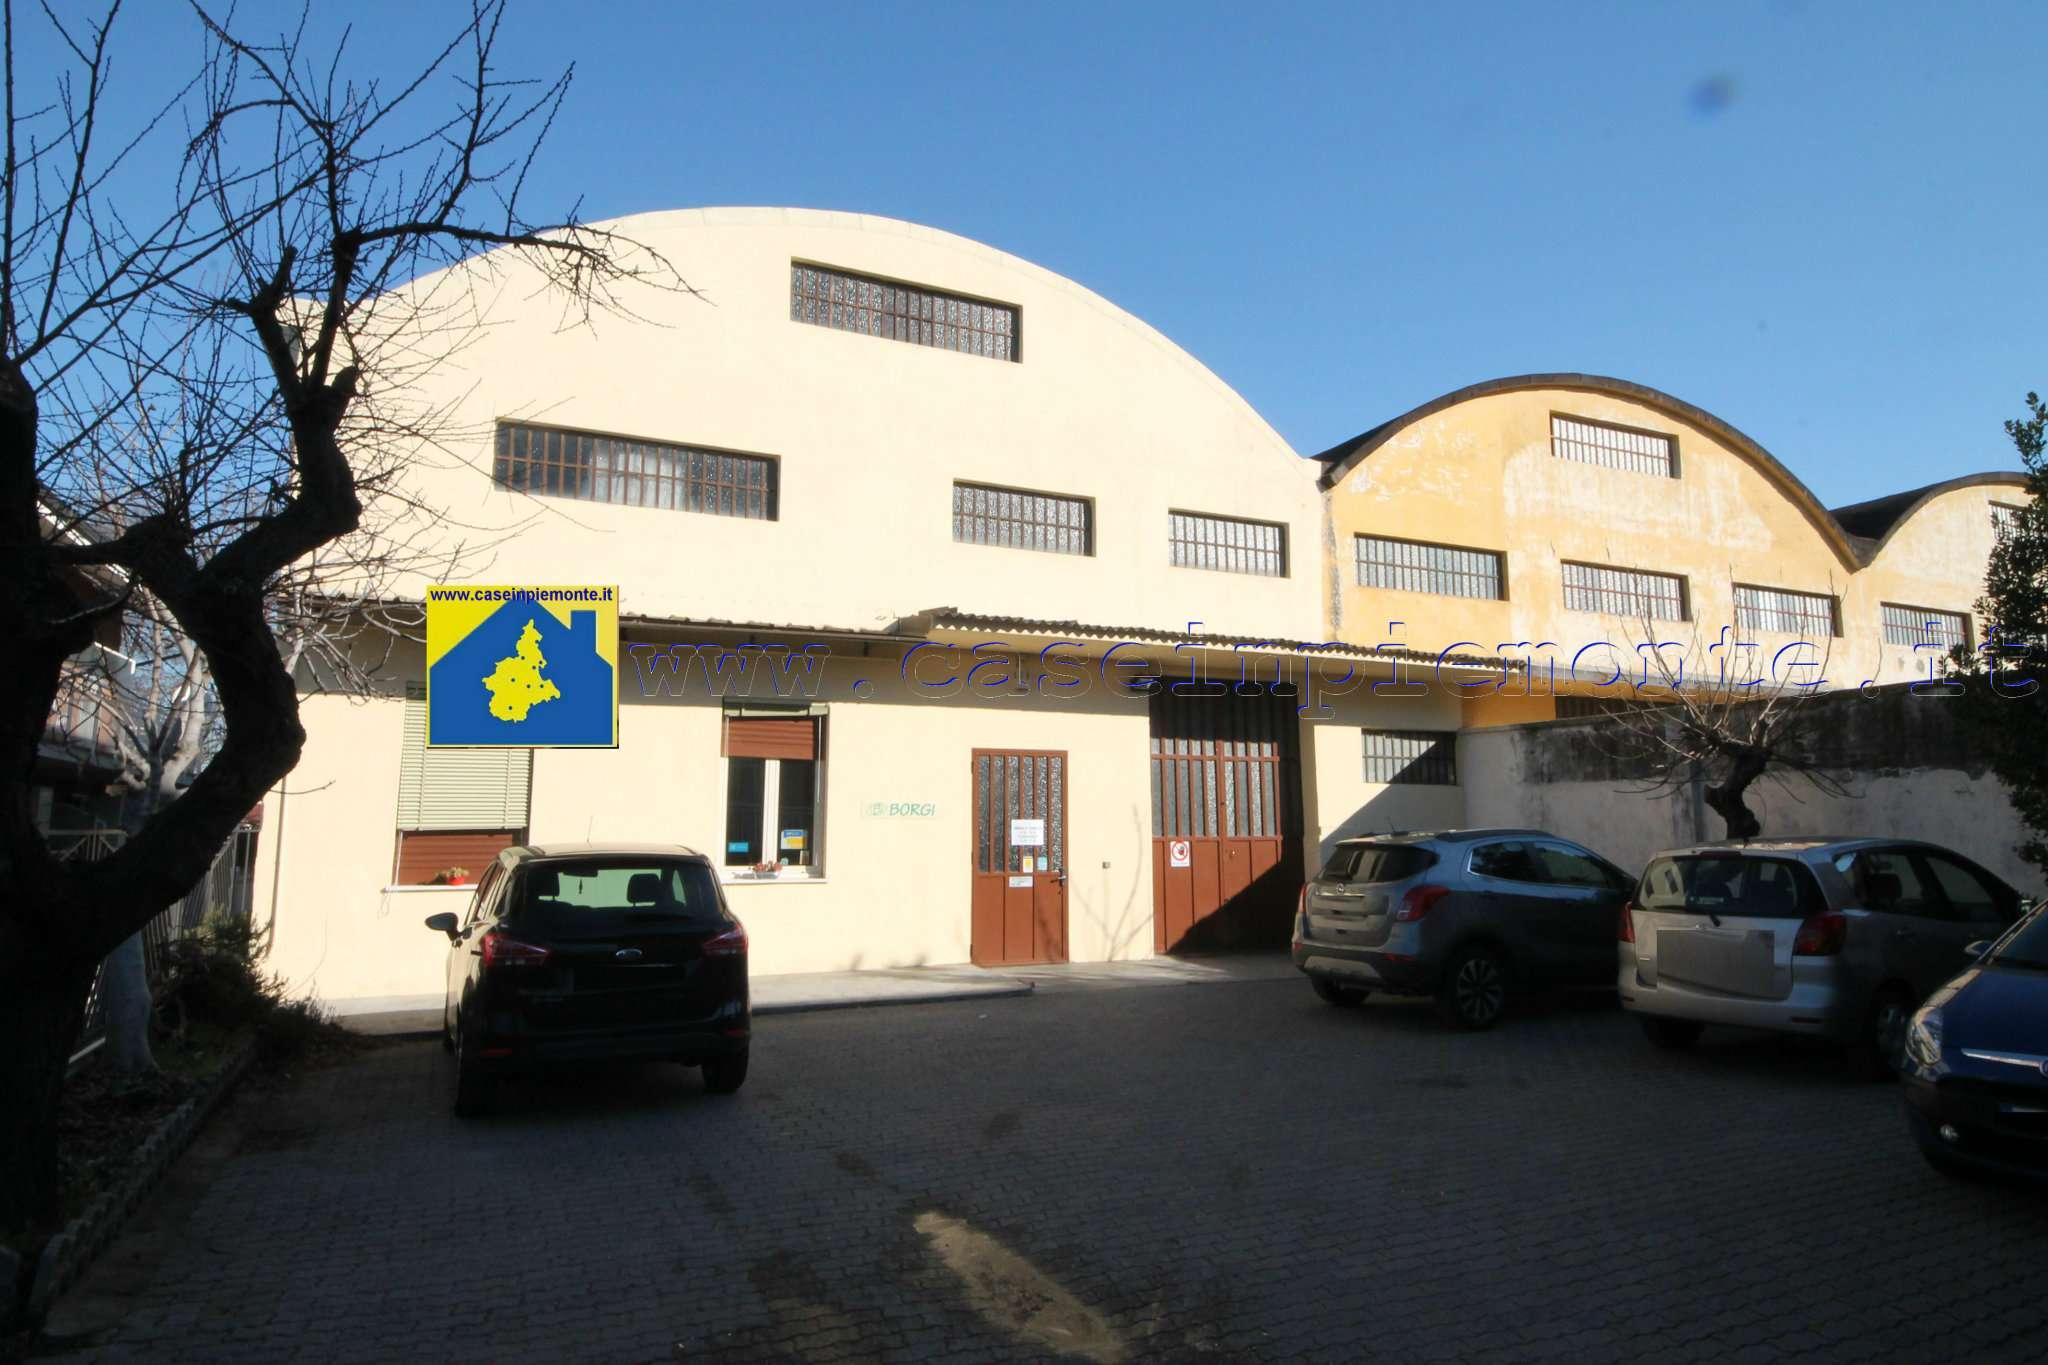 Capannone in vendita a Rivoli, 3 locali, prezzo € 195.000   PortaleAgenzieImmobiliari.it